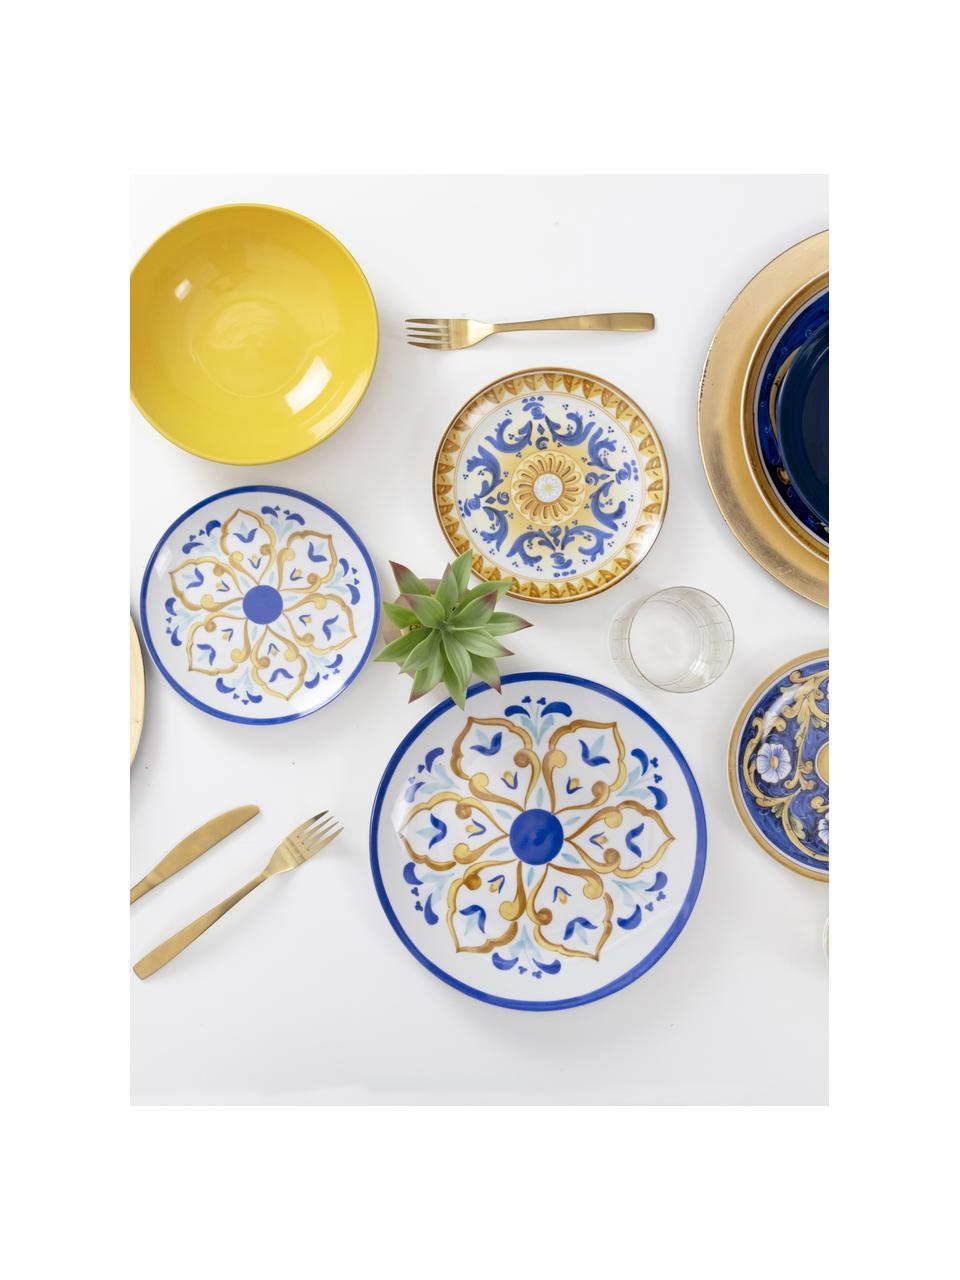 Service de table Sicilia, 6 personnes (18élém.), Blanc, bleu foncé, jaune